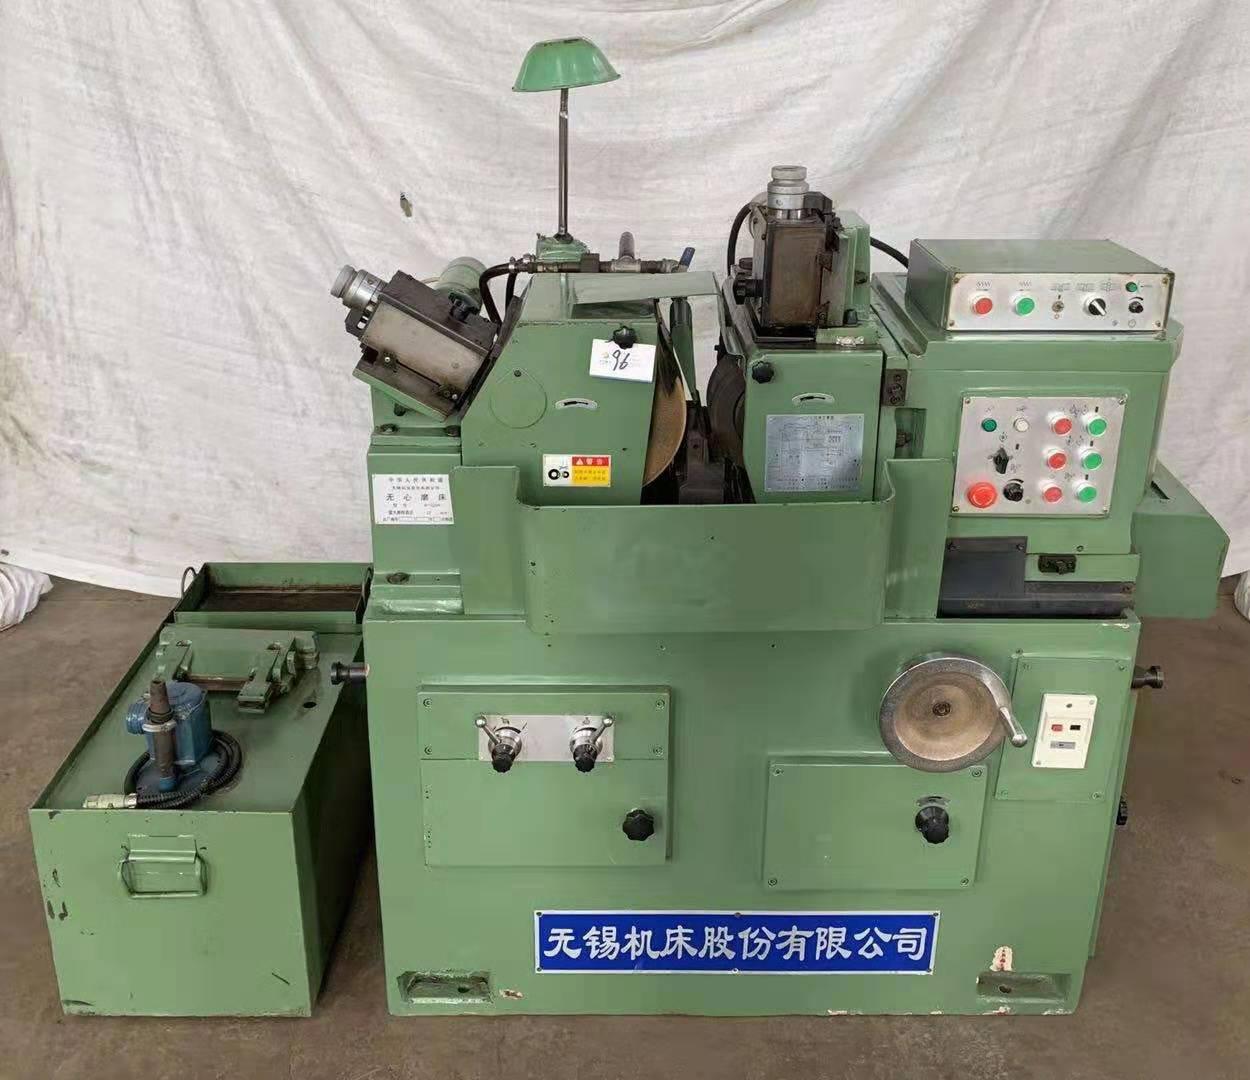 广东东莞全自动无心磨送料机 300型无心磨送料机... - 中国供应商